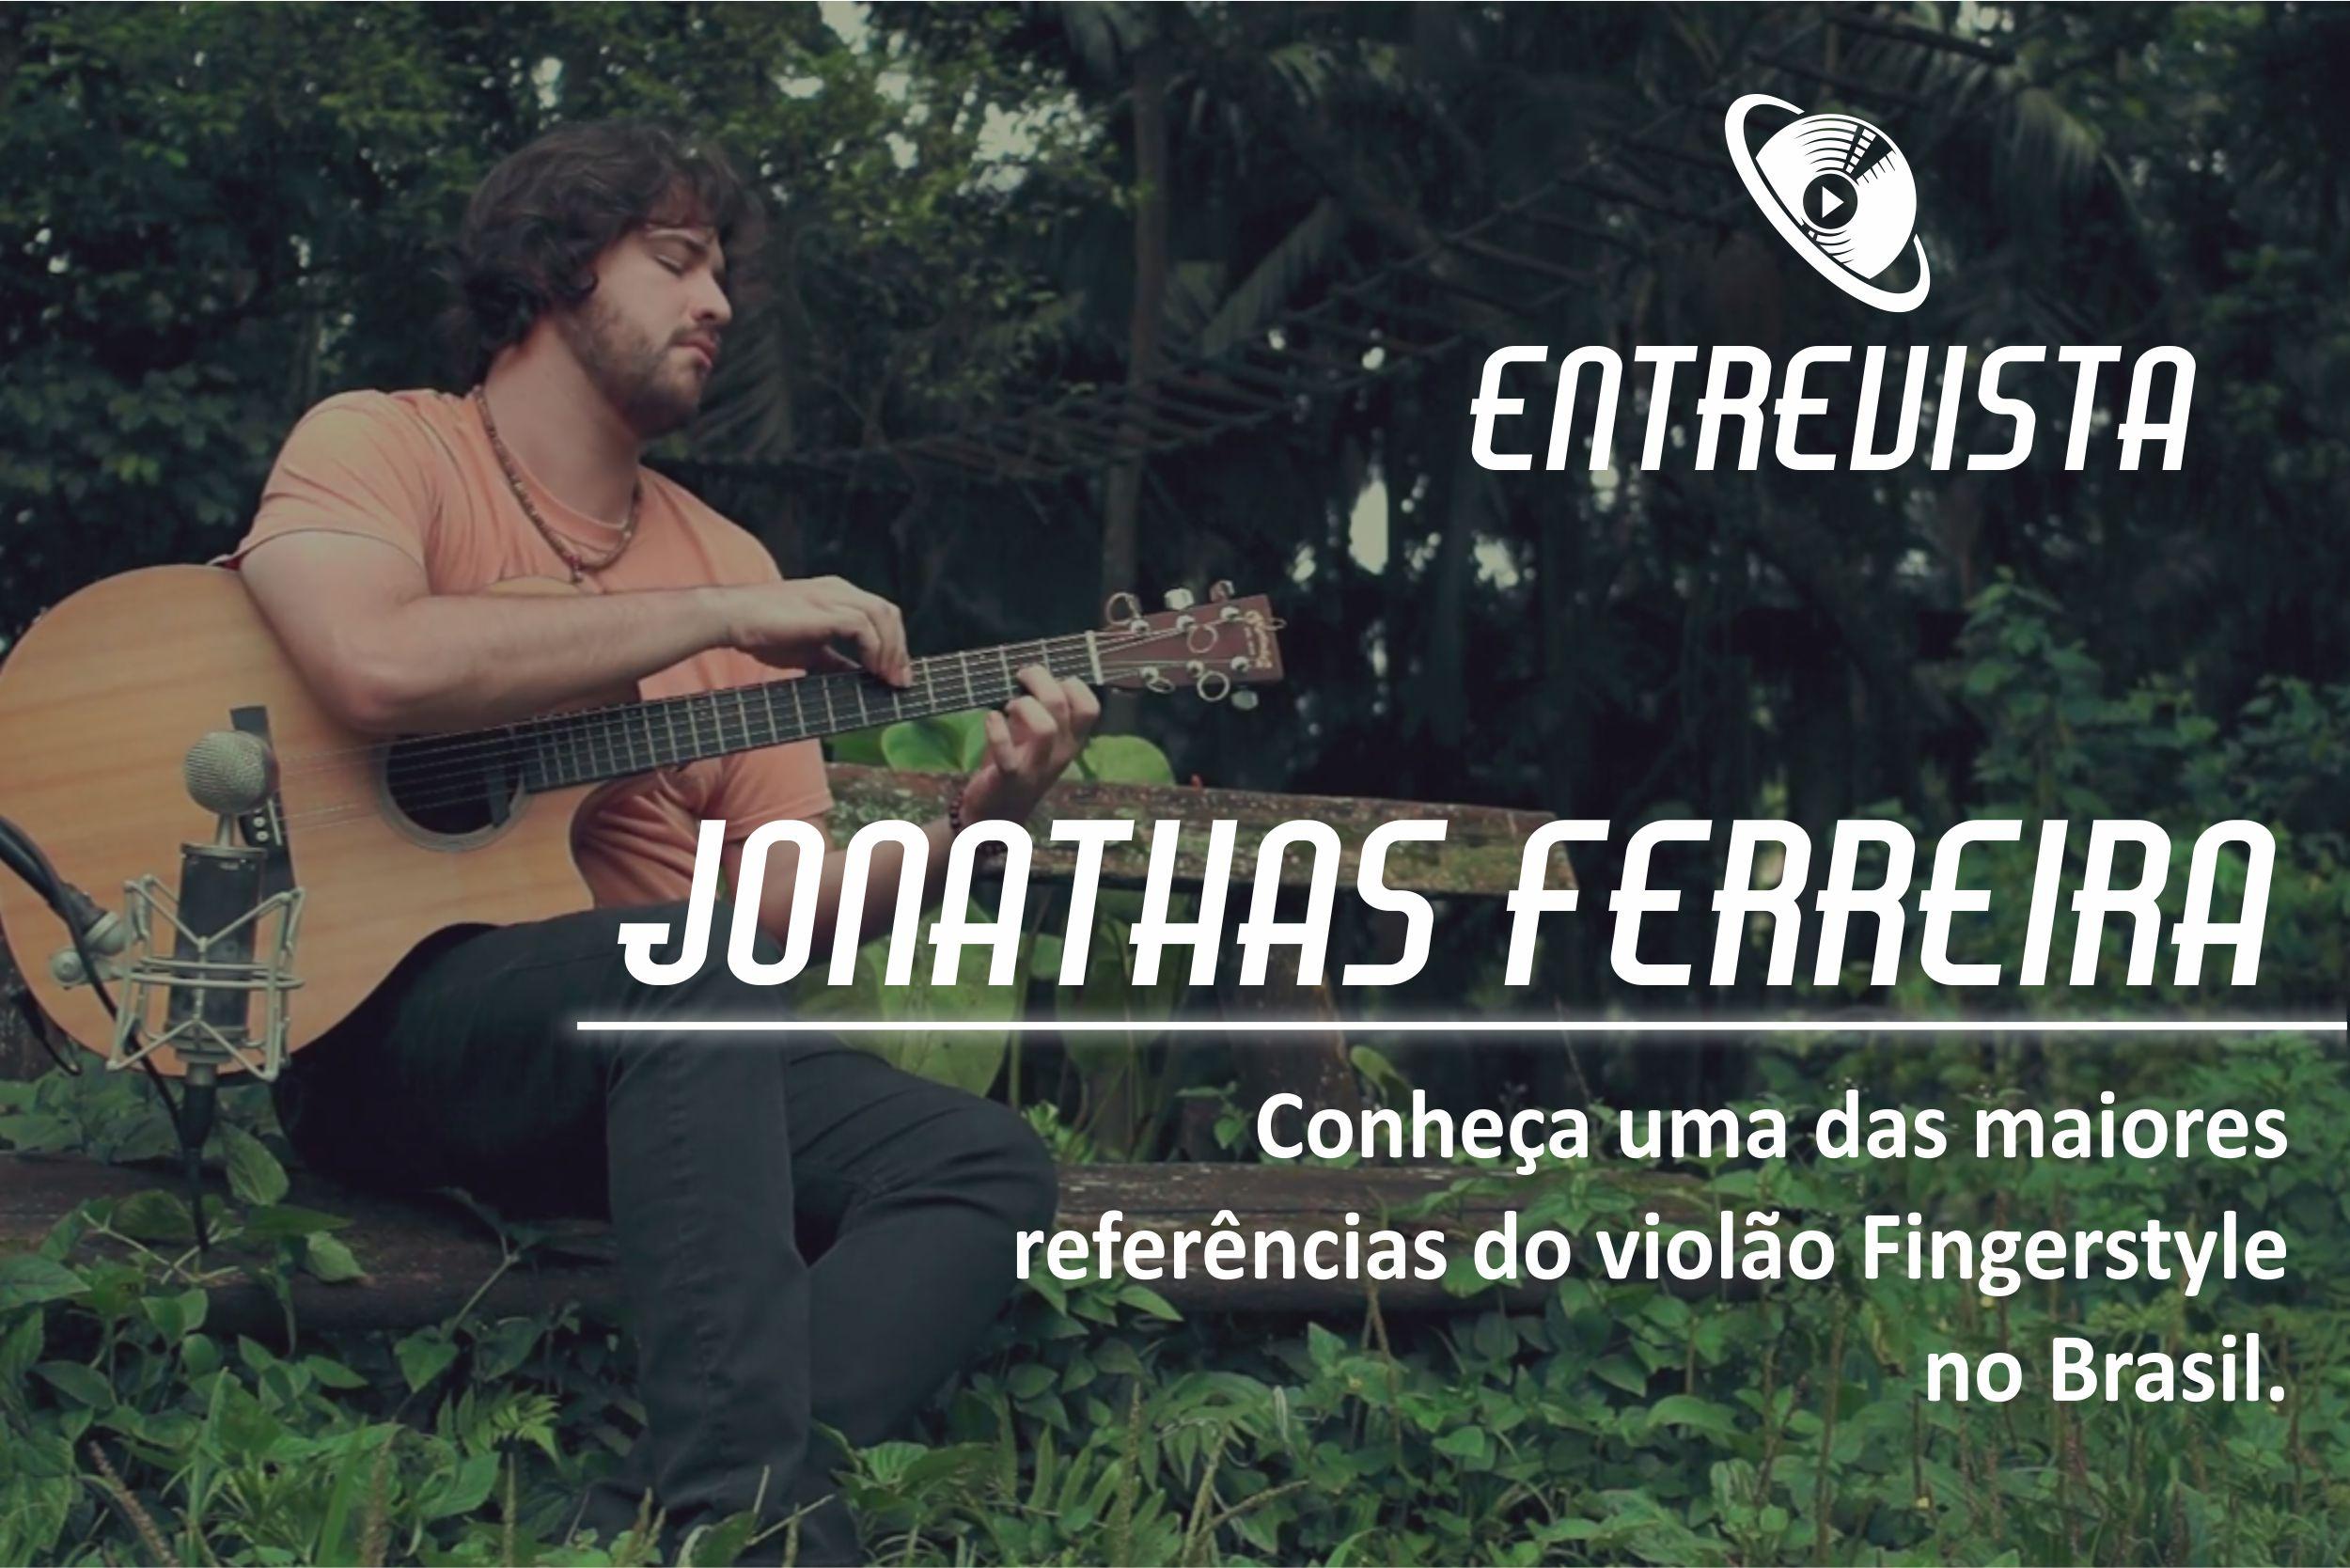 Entrevista Jonathas Ferreira